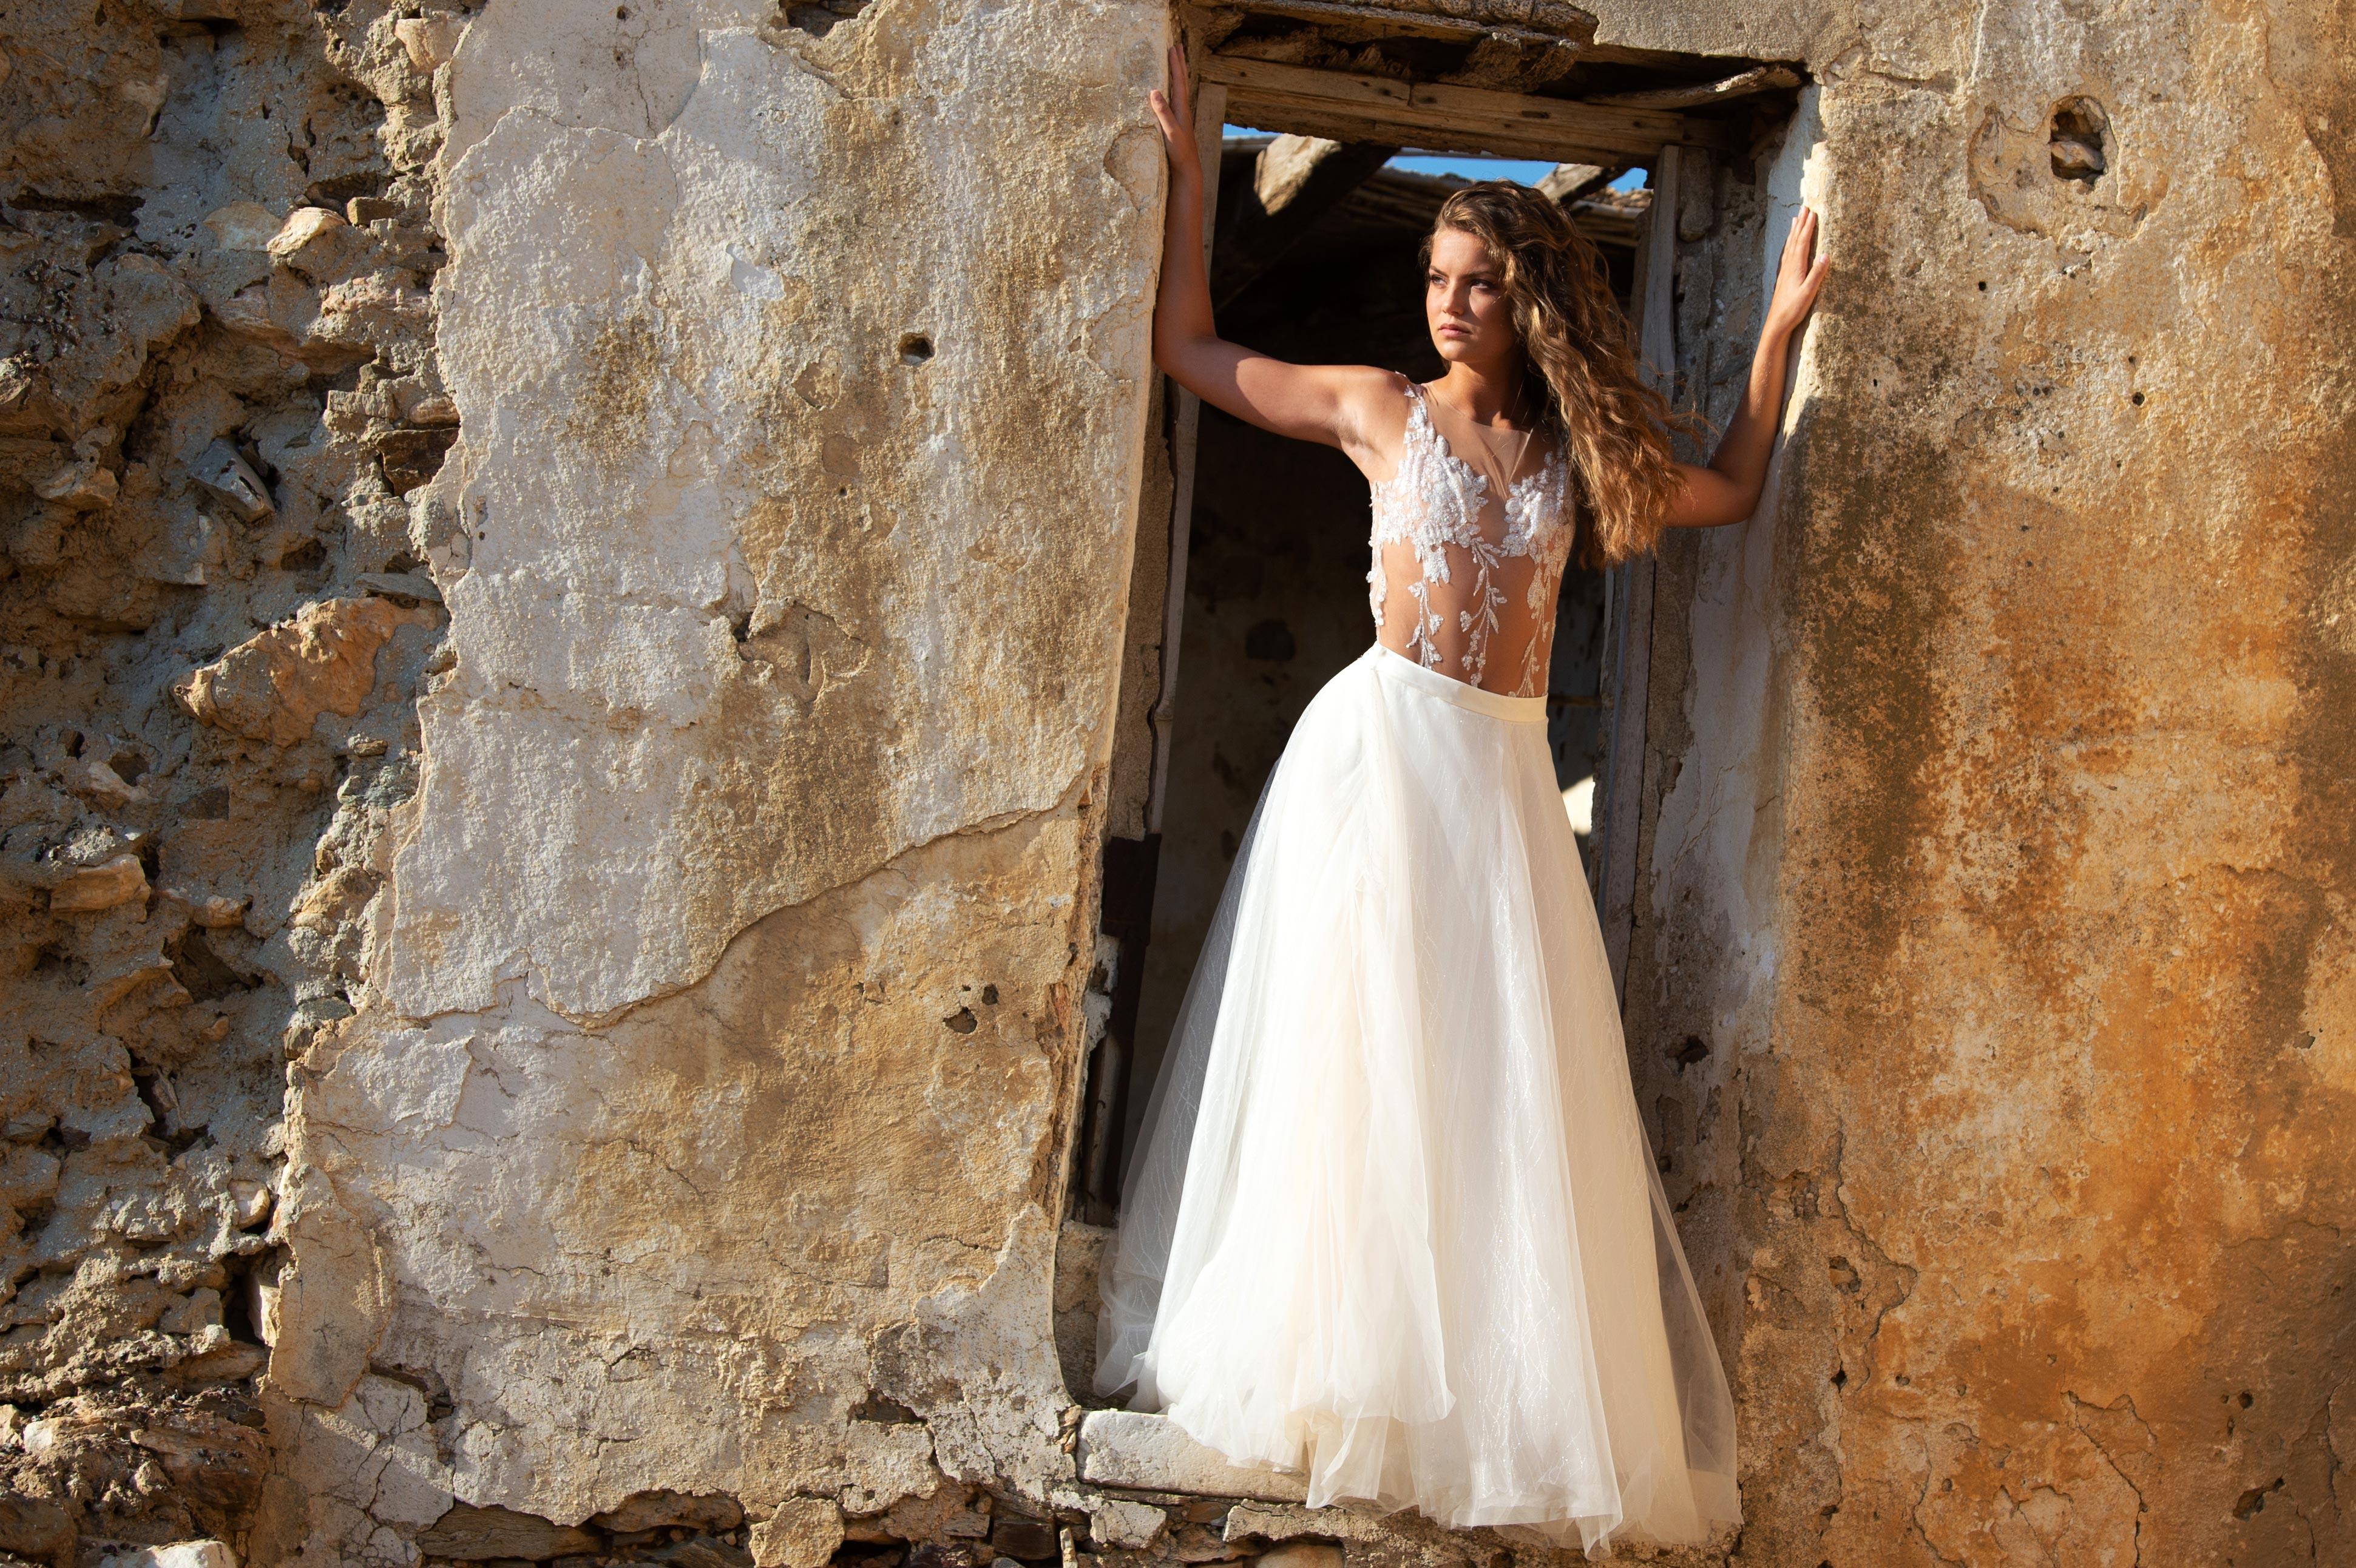 Brünette Frau trägt weißes langes Brautkleid und steht in einer Tür.